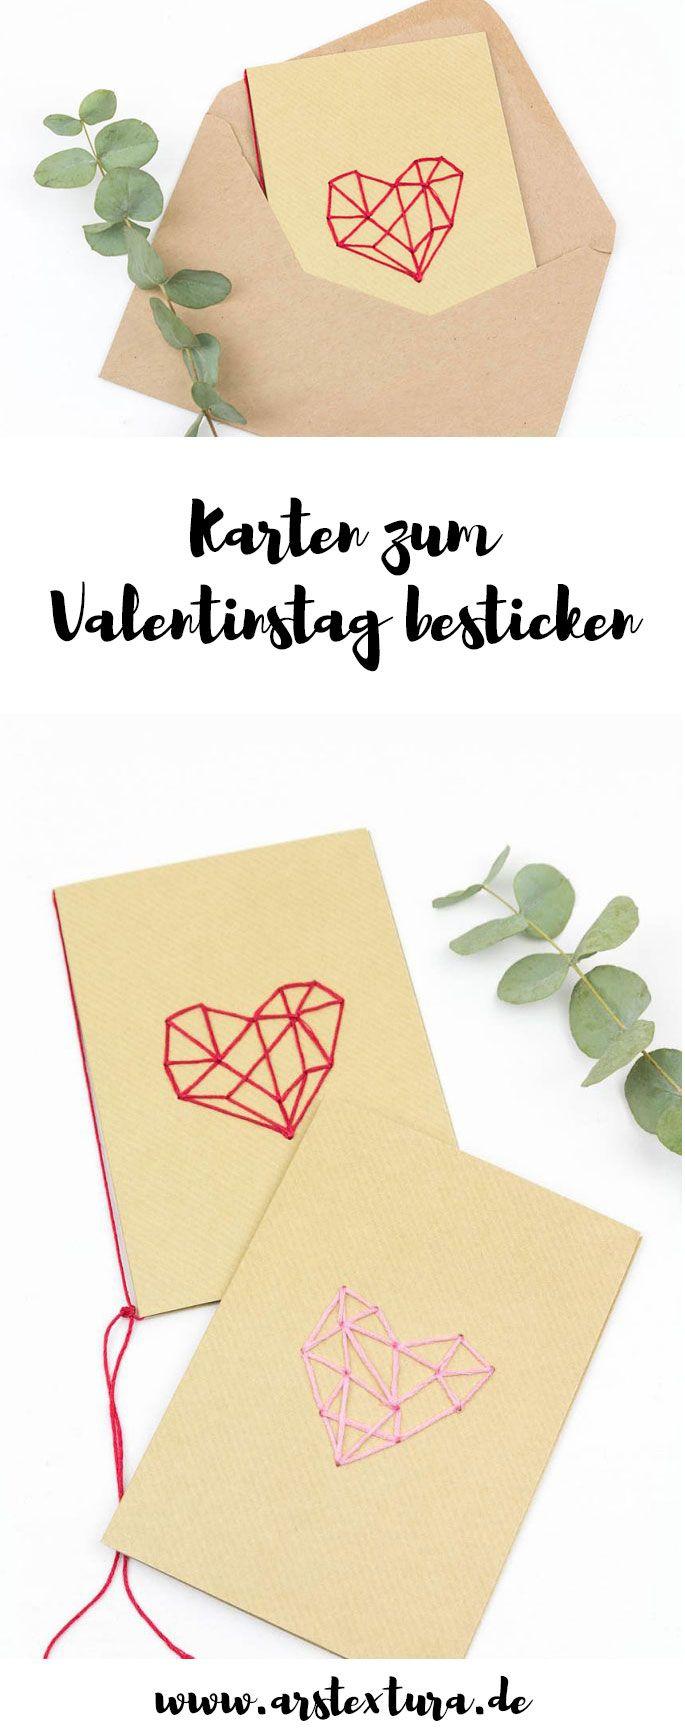 Karten zum Valentinstag basteln - Karten mit geometrischem Herz besticken